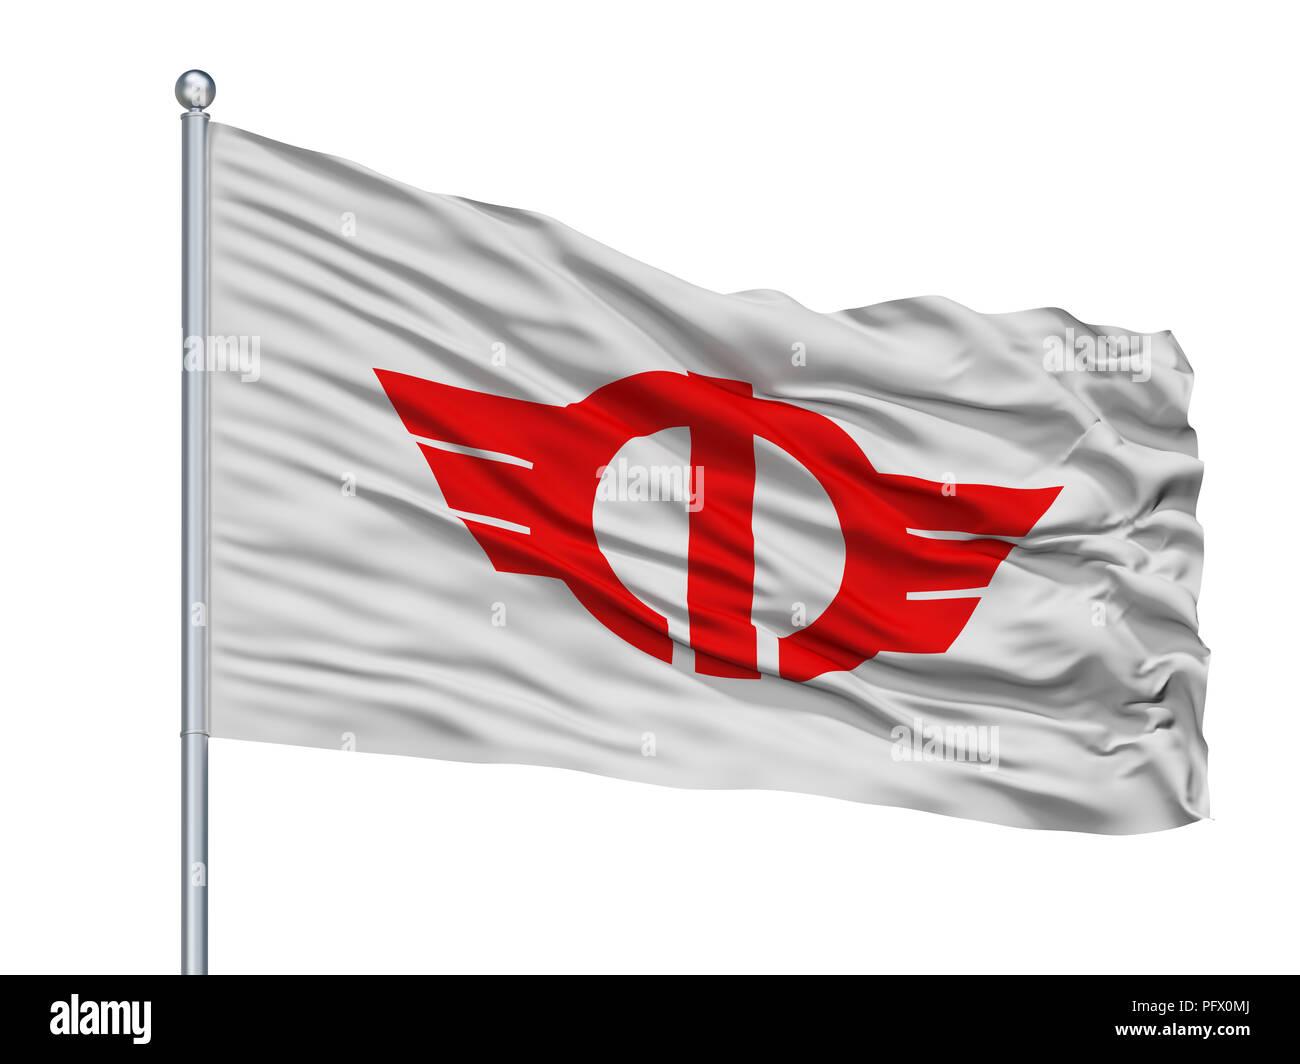 Minamiashigara City Flag On Flagpole, Japan, Kanagawa Prefecture, Isolated On White Background - Stock Image